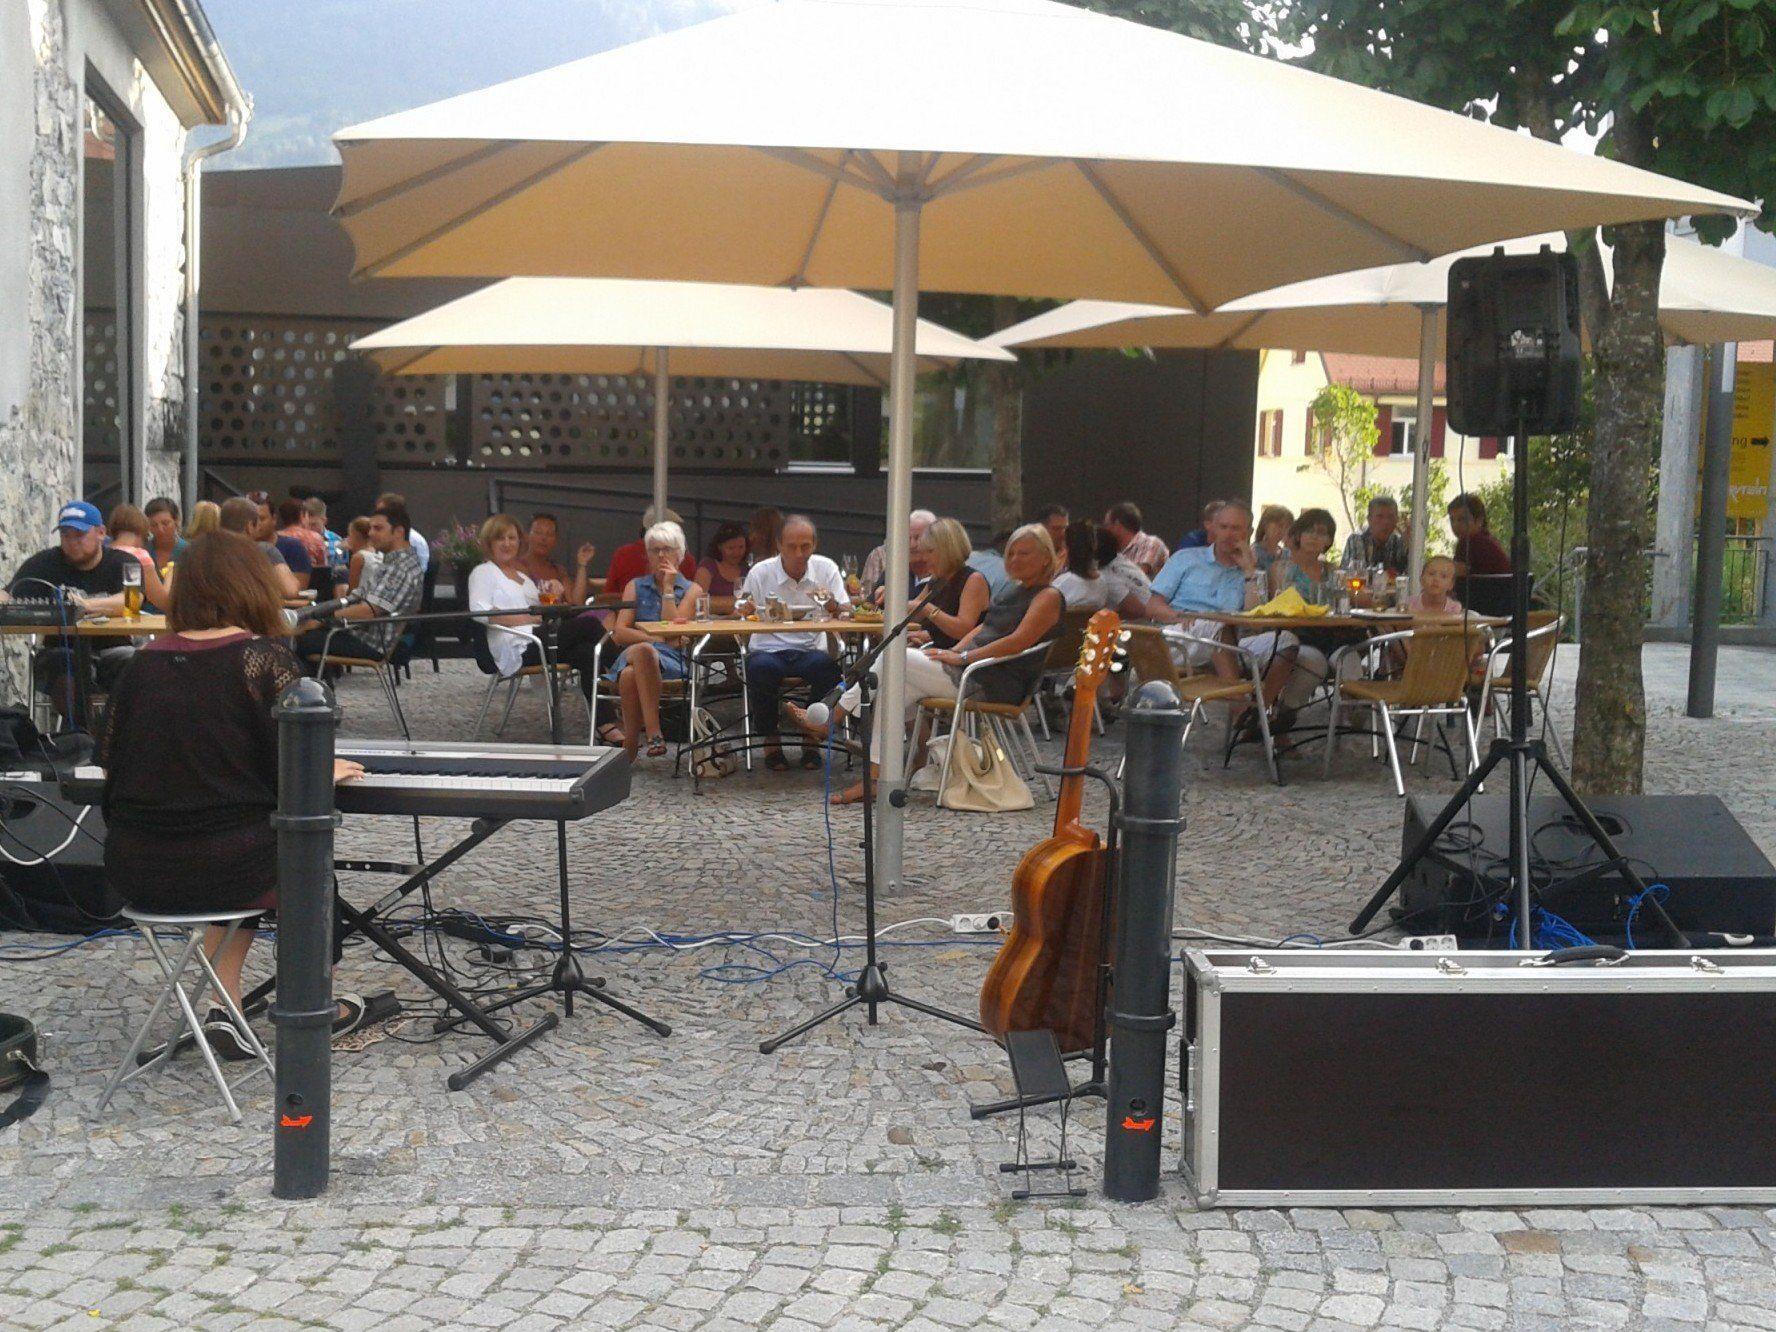 Donnerstag, 26. Juni: Feierabend-Treff mit Live-Musik zum 1-Jahr-Jubiläum - Ekkehard Breuss live in concert.